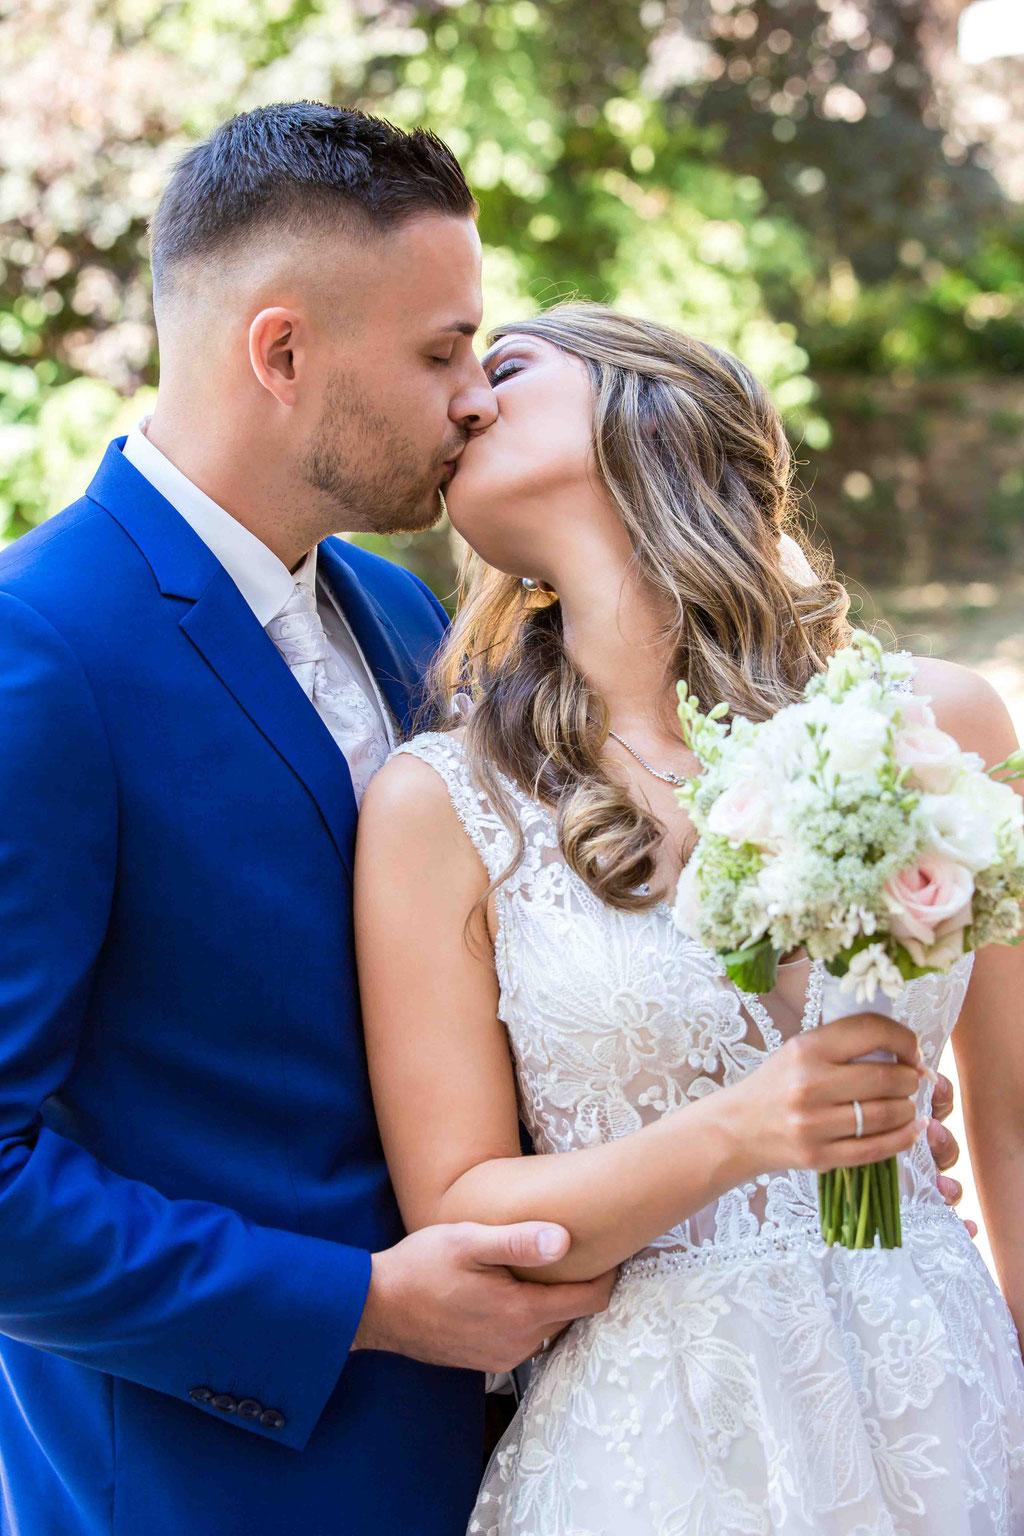 Küssendes Brautpaar, Hochzeitsbilder Paarfotos, Hochzeitsfotos Paarbild, Ehebild, Ehefoto, Brautstrauß